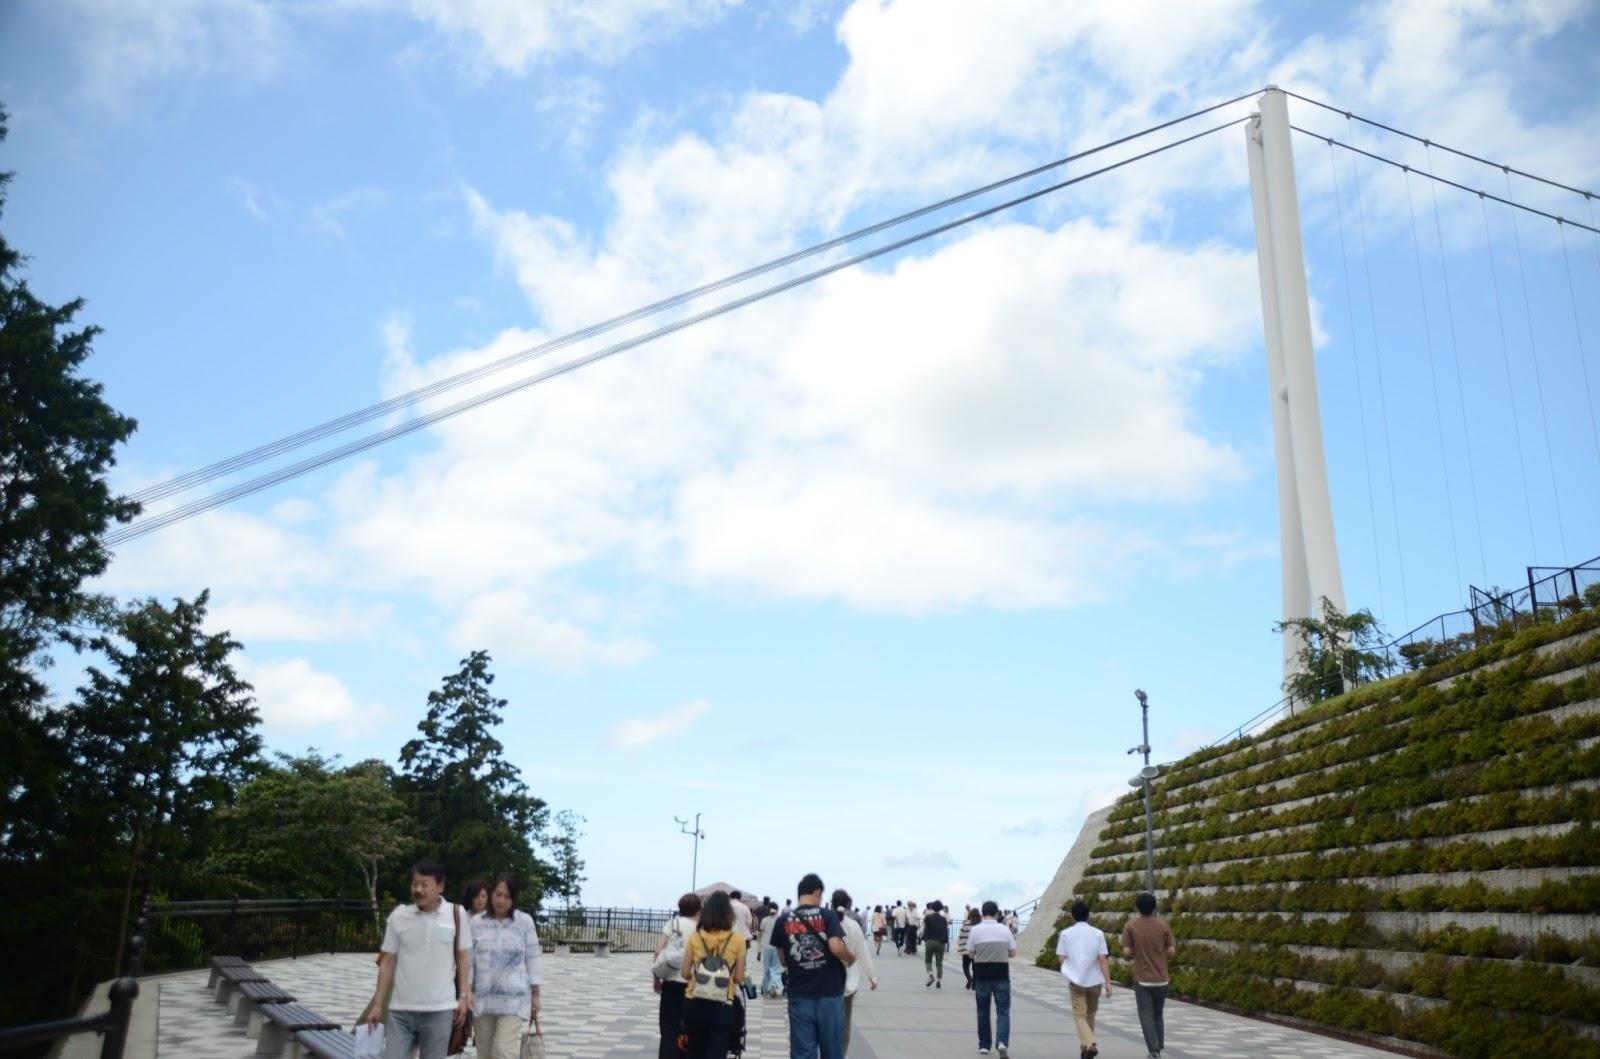 [日本/靜岡] 走在日本最長的吊橋上 探訪寧靜小鎮三島